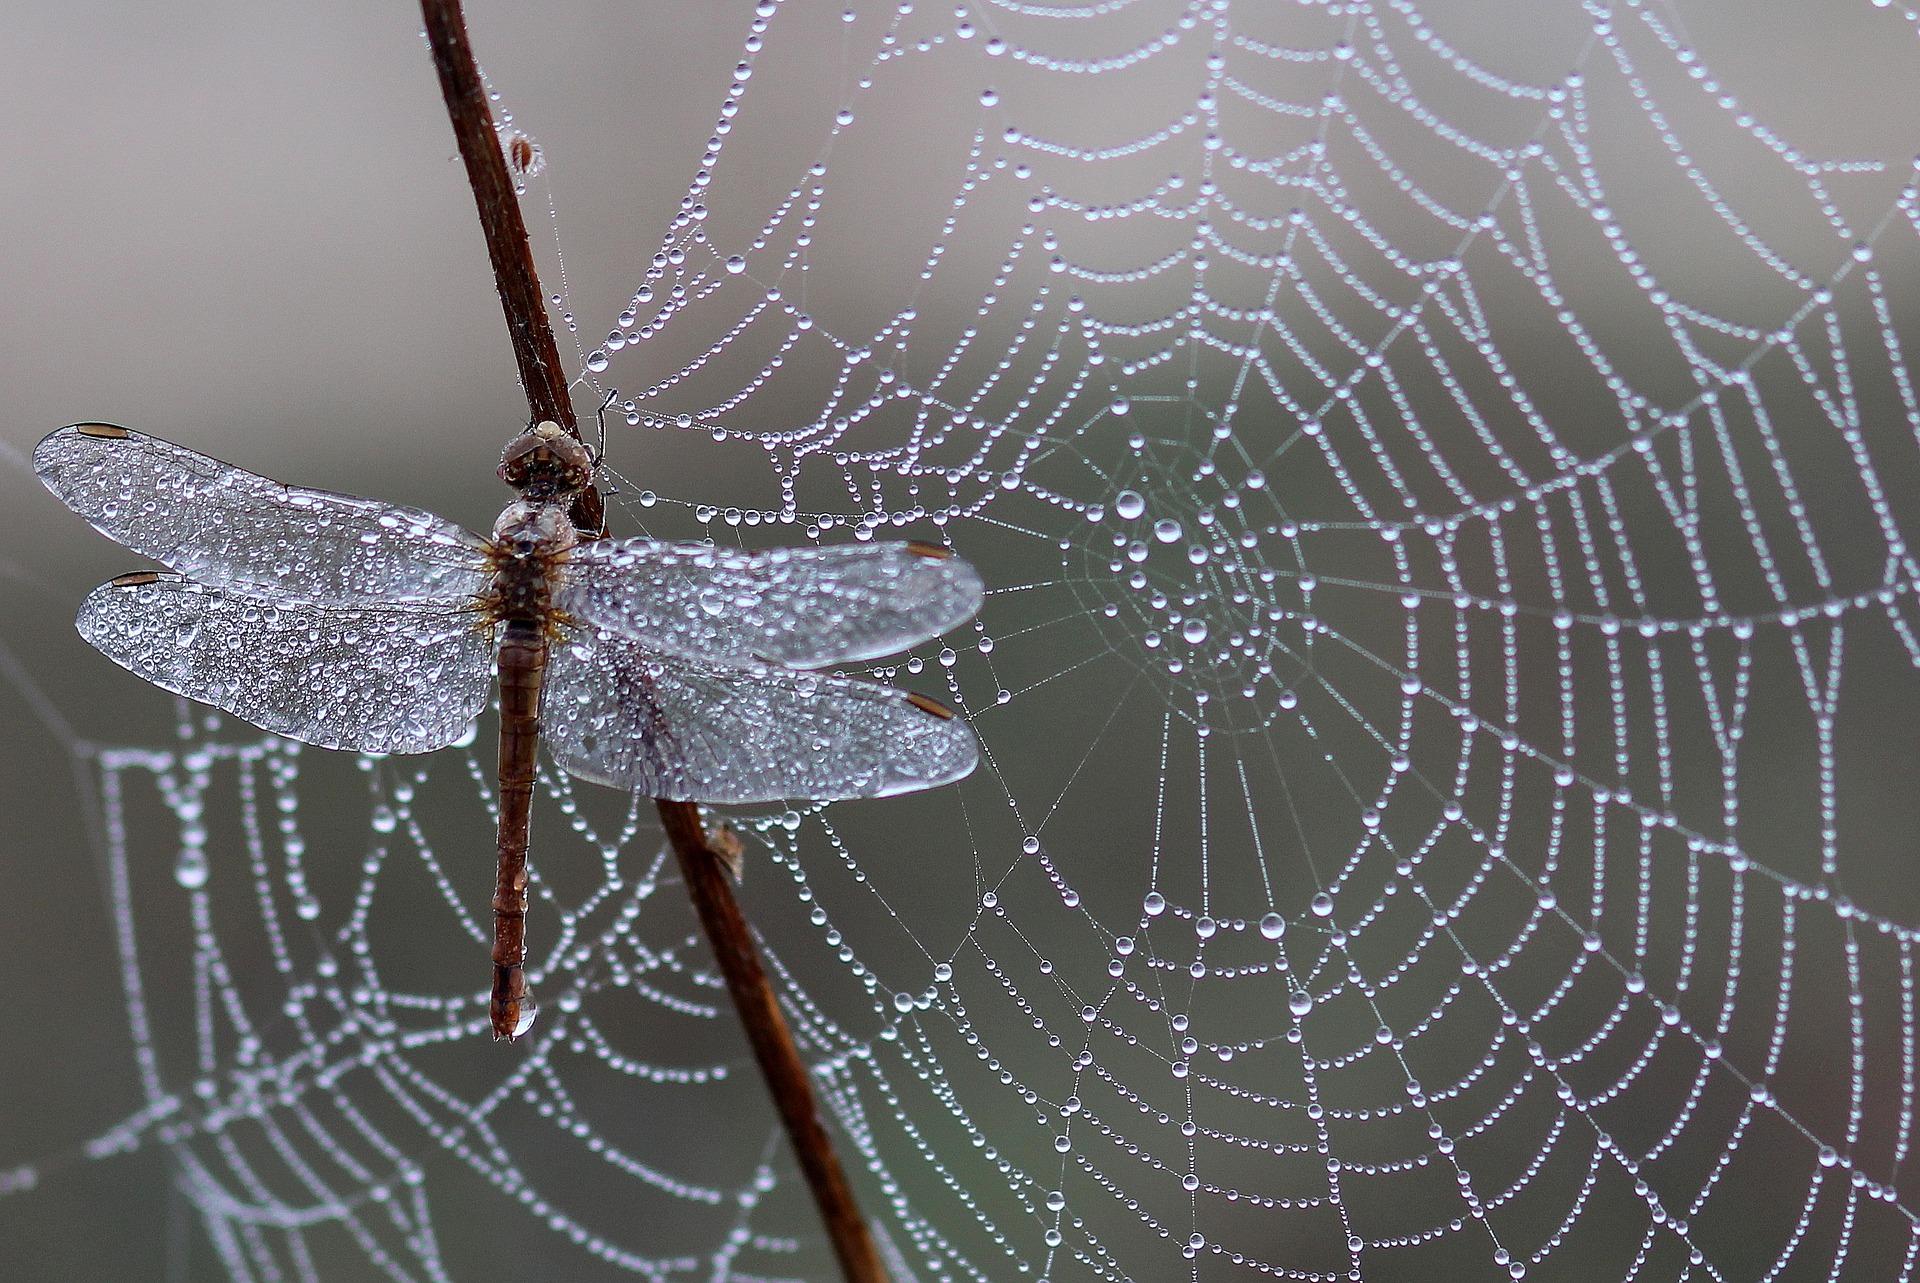 Gesundheitspraxis Oberfranken Die Libelle am Spinnennetz drückt das Thema Achtsamkeit sehr gut aus